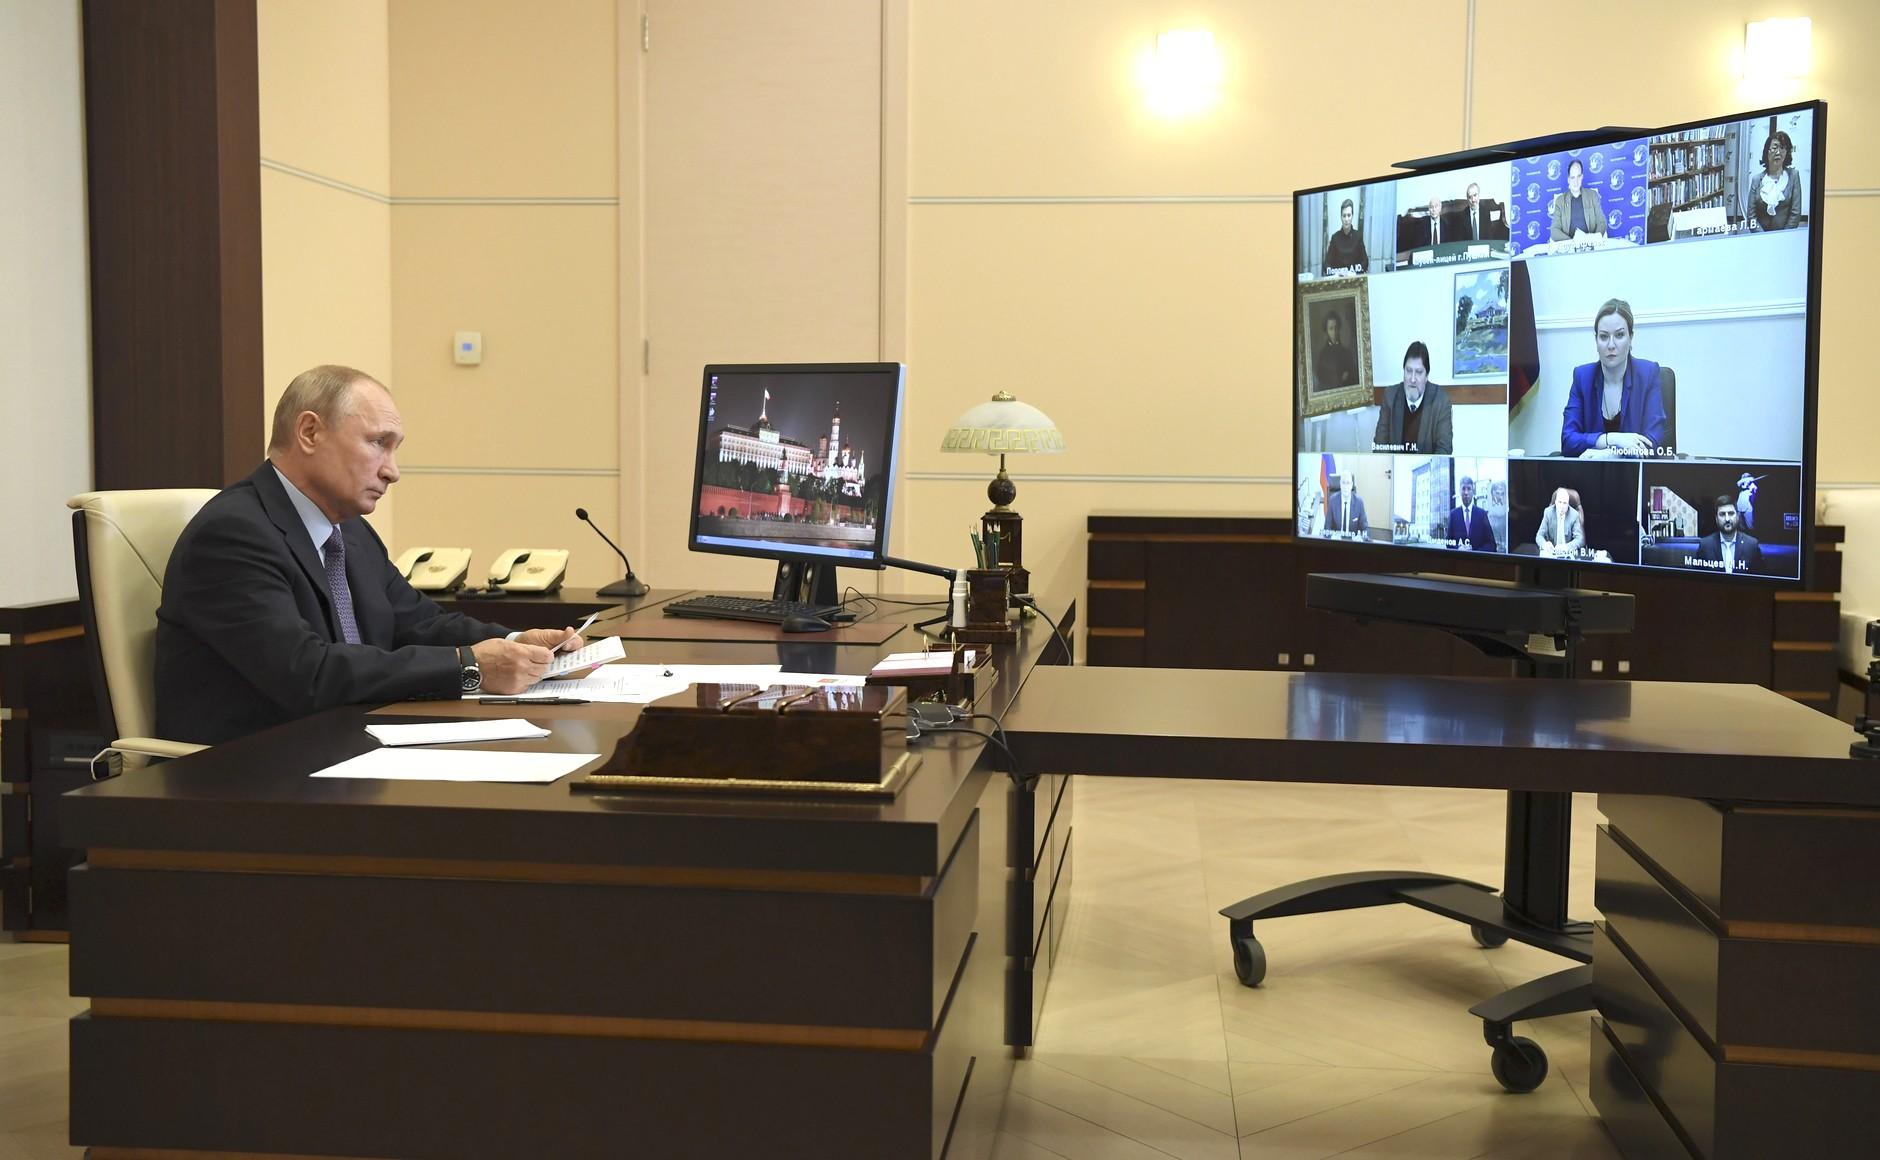 Директор омского ТЮЗа попросил у Путина рекомендаций по работе театров #Омск #Общество #Сегодня